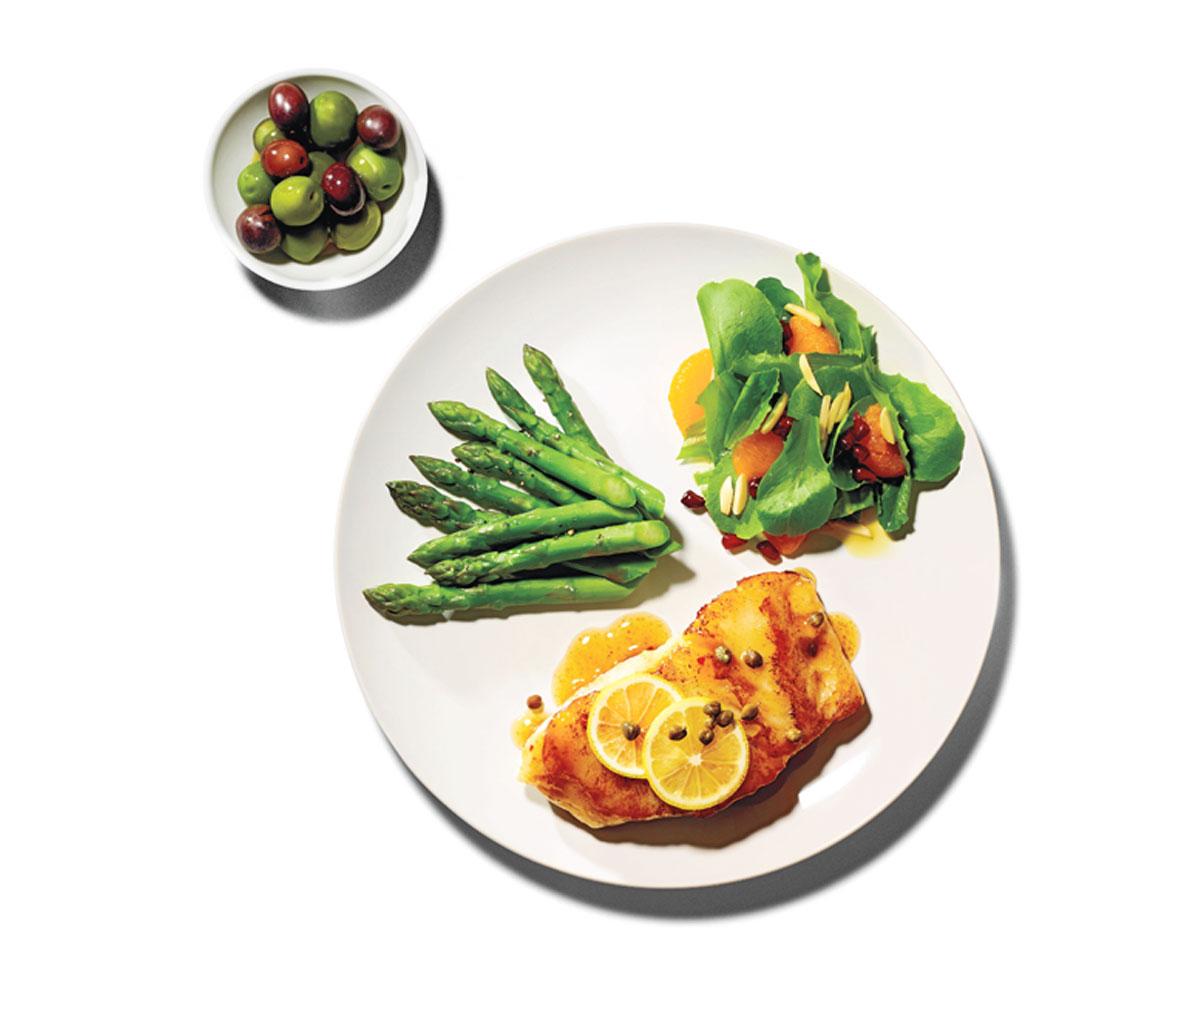 valgyti Viduržemio jūros dietą širdies sveikata)